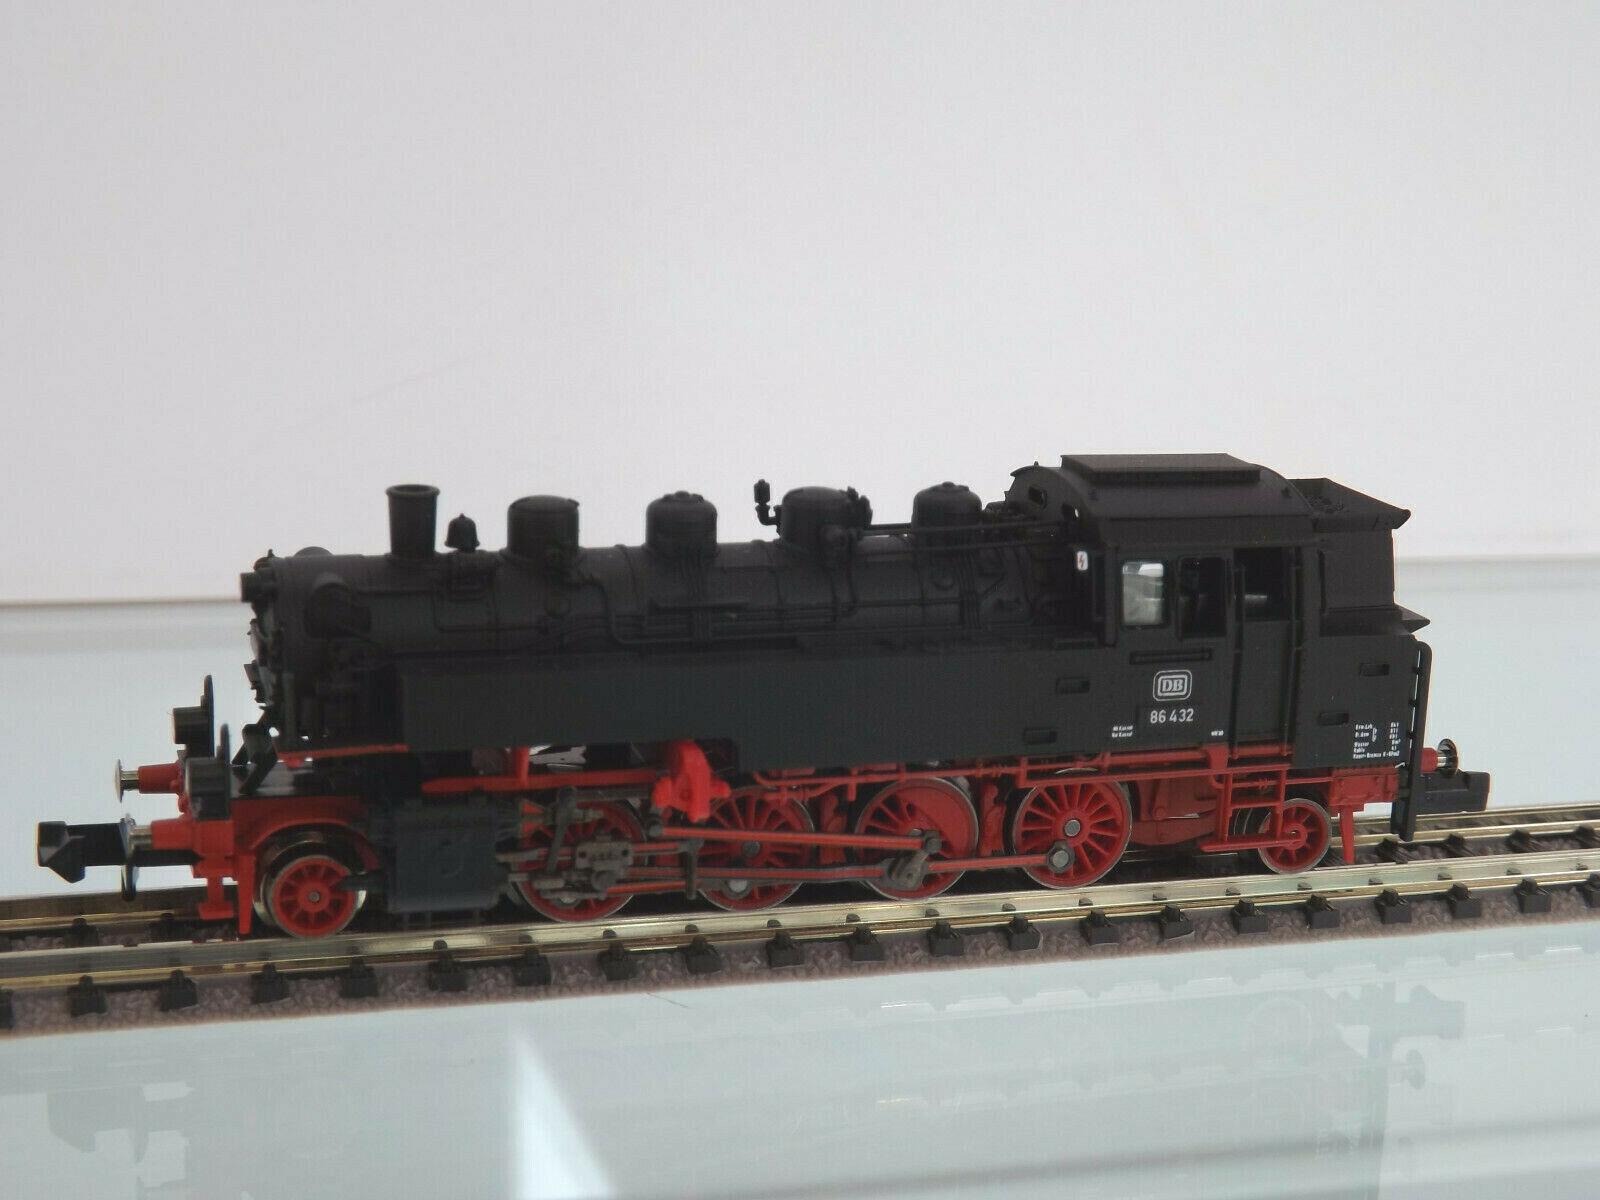 Fleischmann 708603 - N Gage - Steam Locomotive Br 86 432 Db, Epoch III - Nip